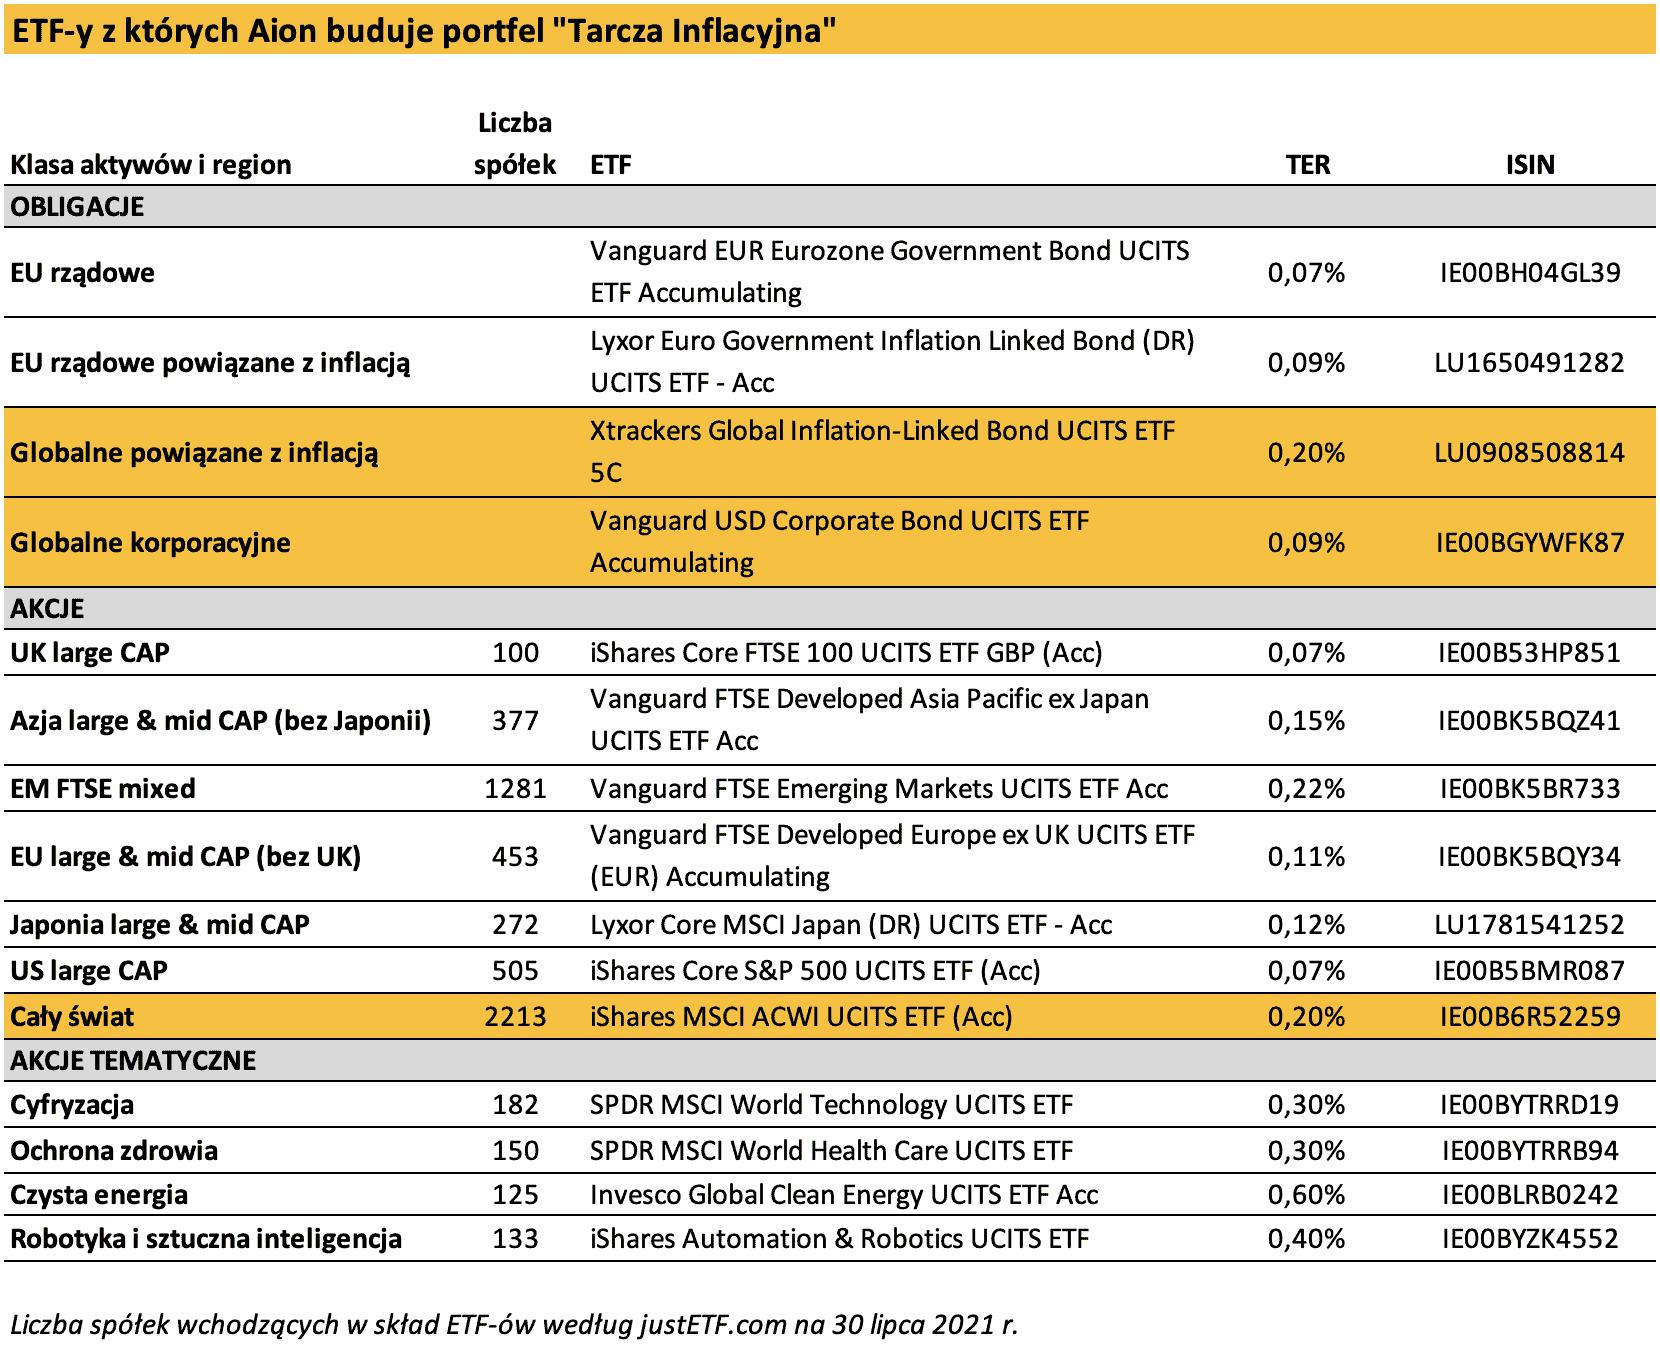 Portfel Aion Tarcza Inflacyjna